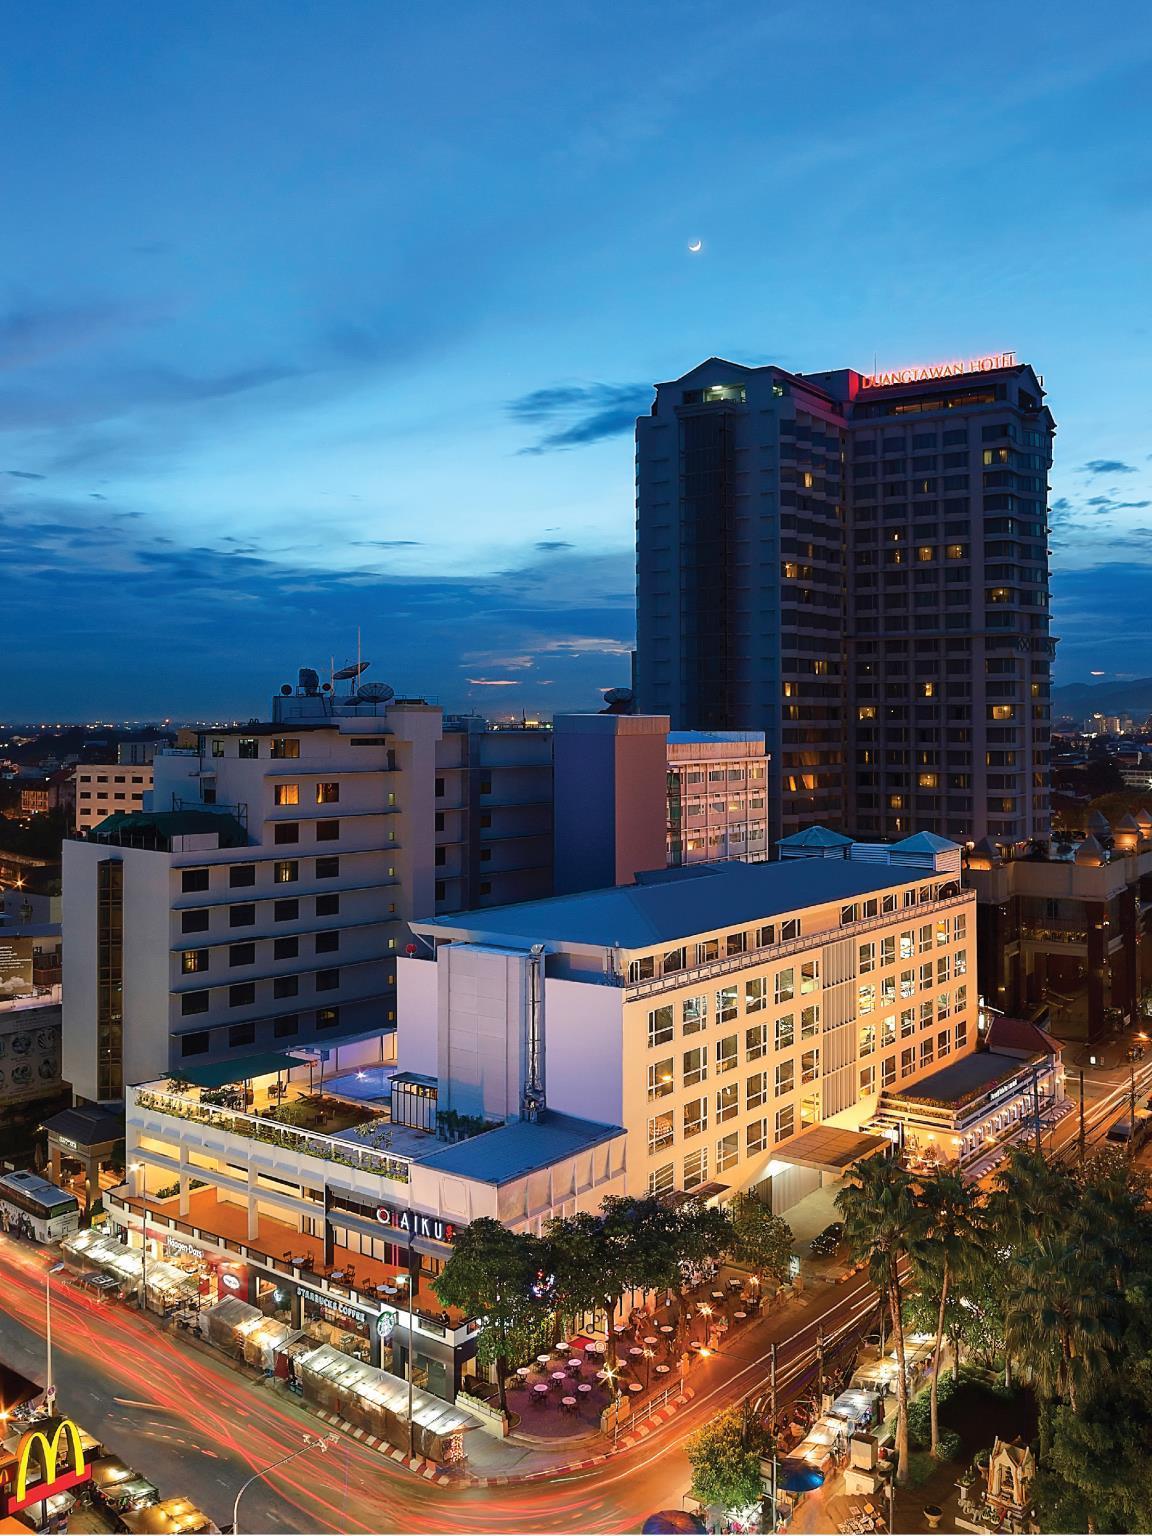 โมเวนพิค สุริวงศ์ โฮเทล (Movenpick Suriwongse Hotel) Pantip